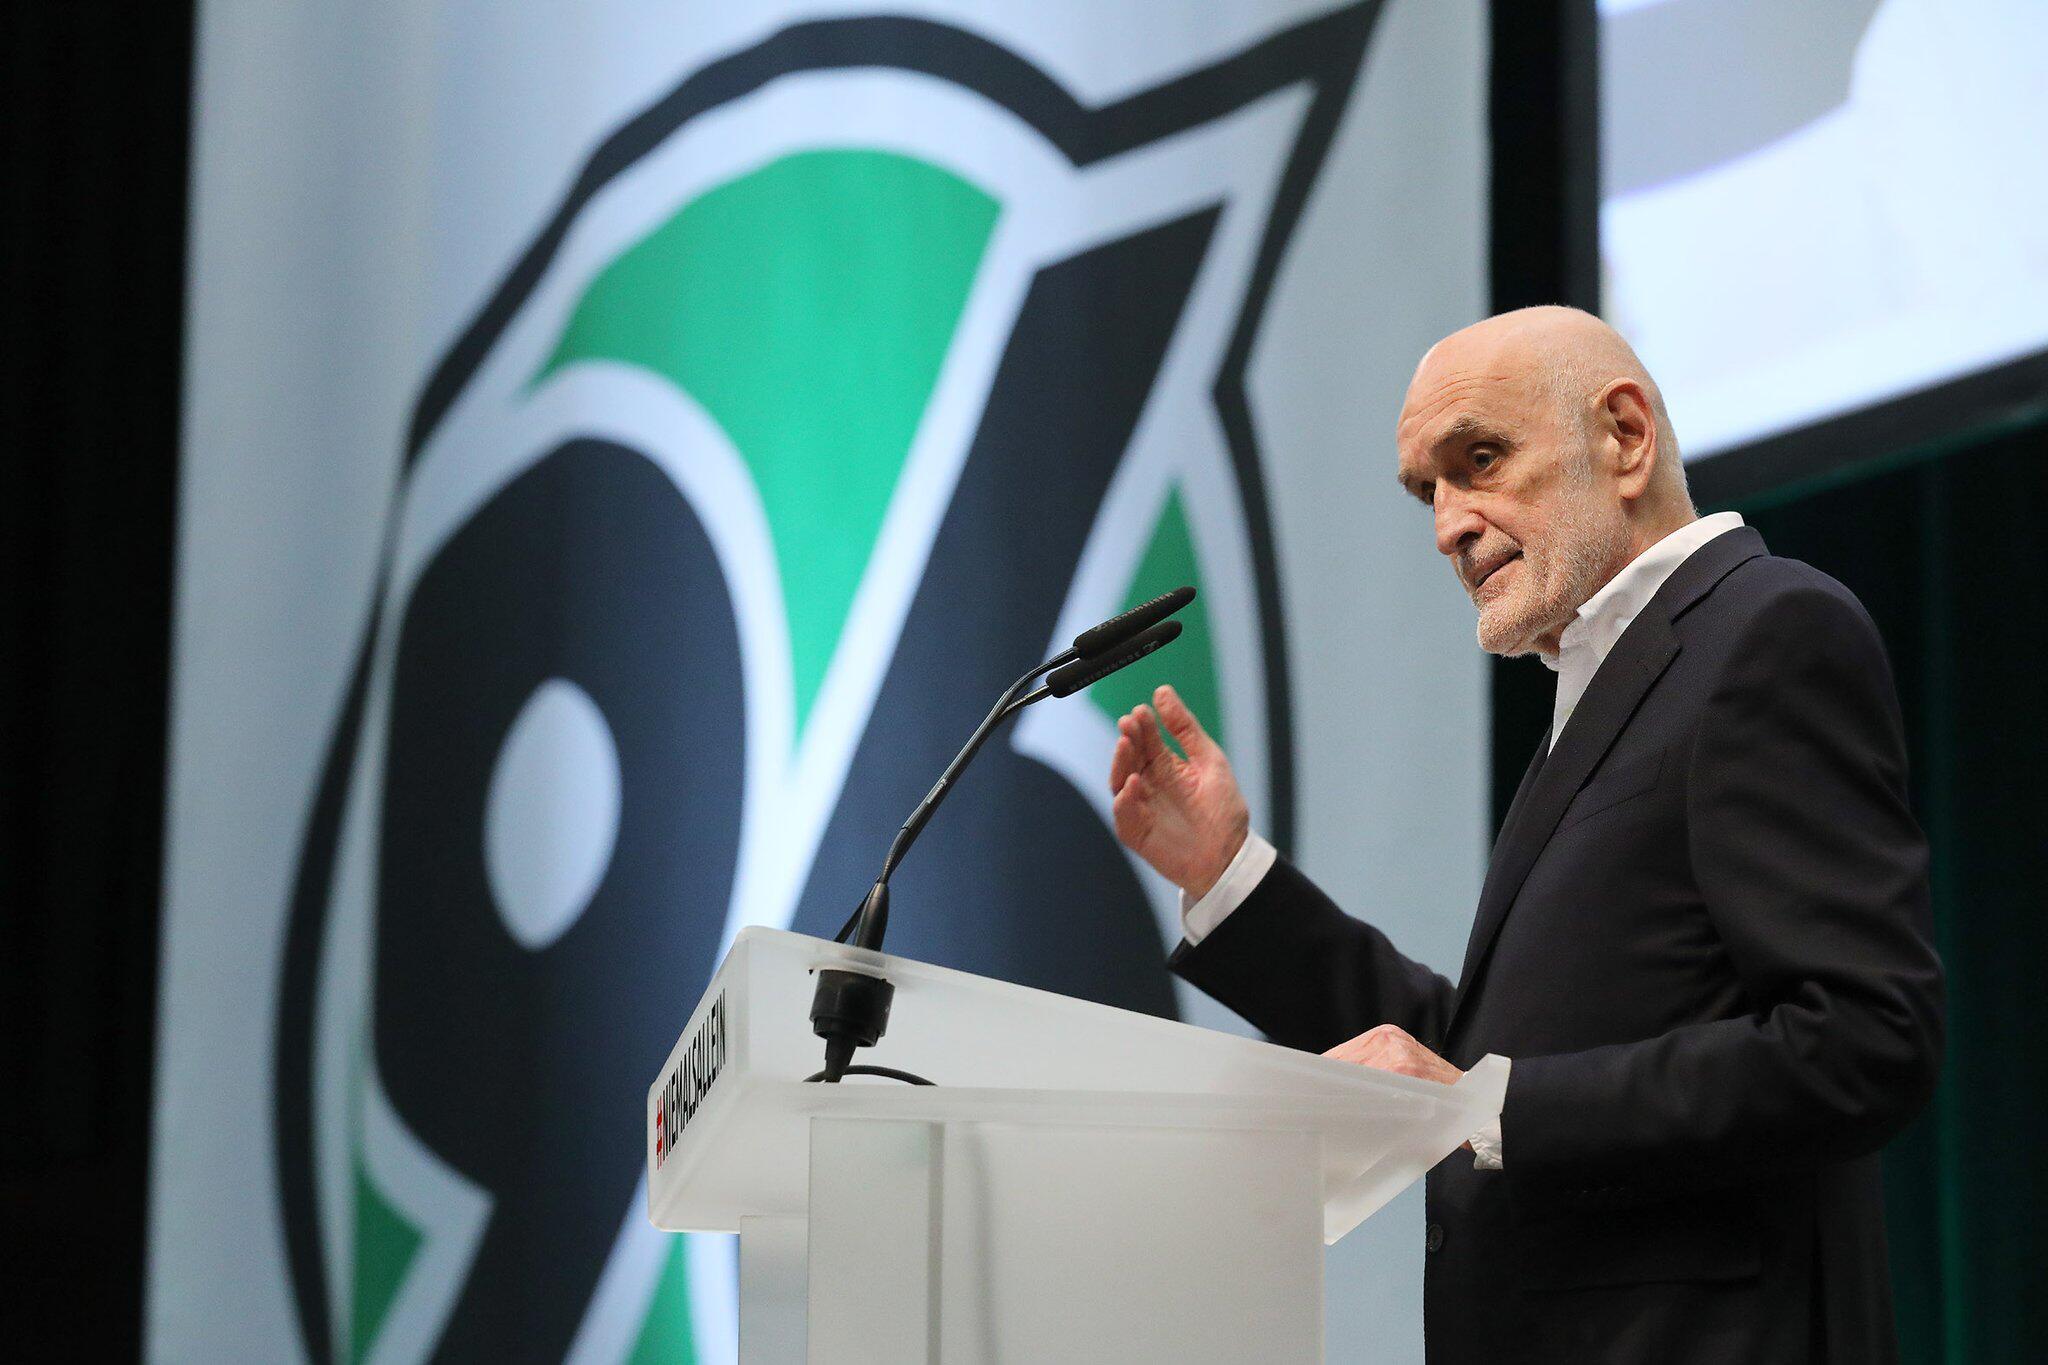 Bild zu Hannover 96 - General Meeting